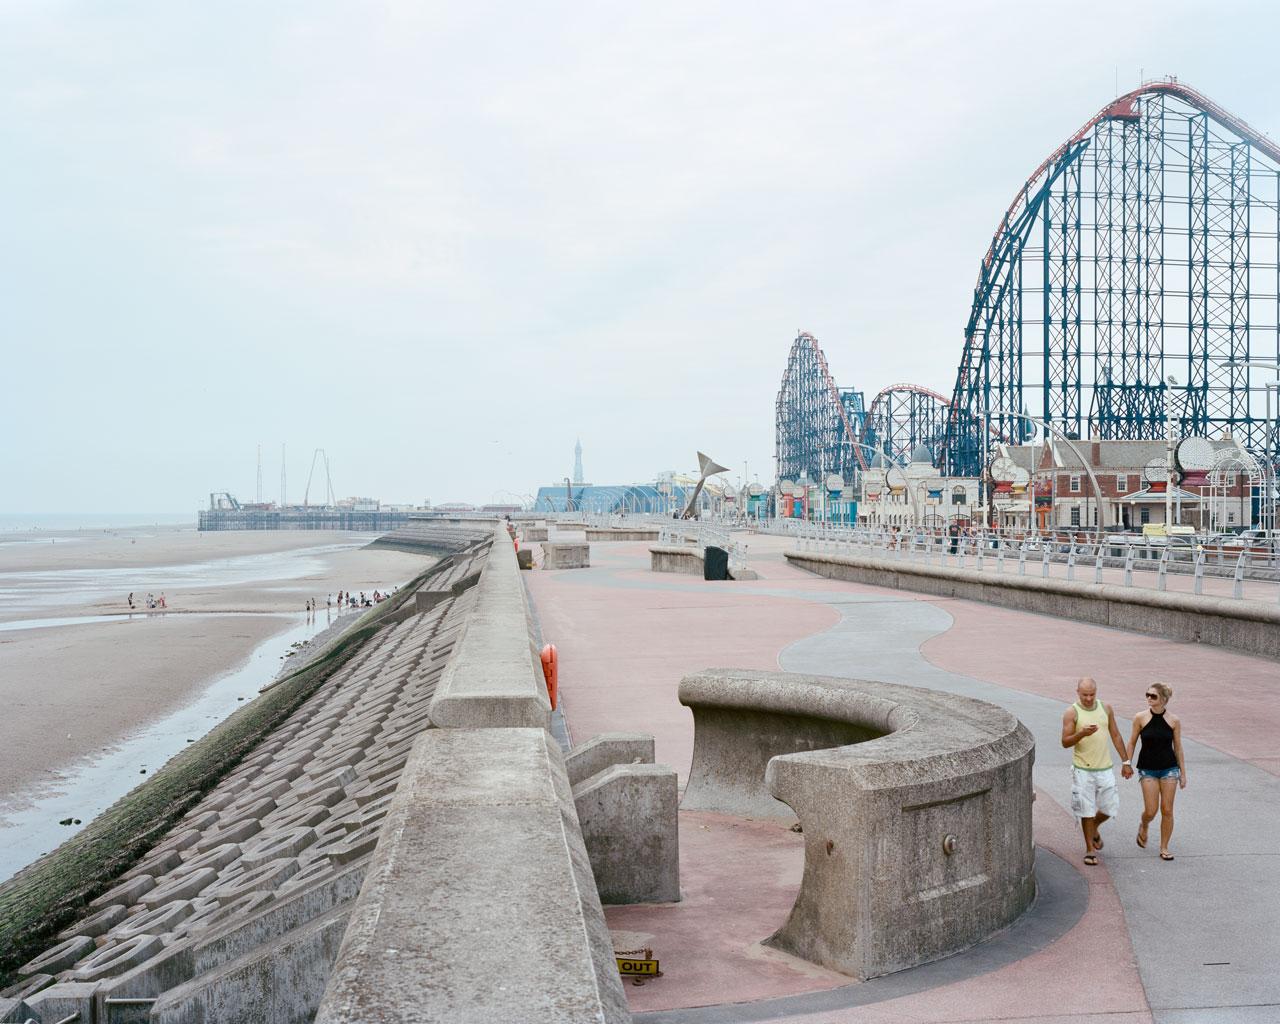 Blackpool, Großbritannien, 2014. Foto: Claudius Schulze